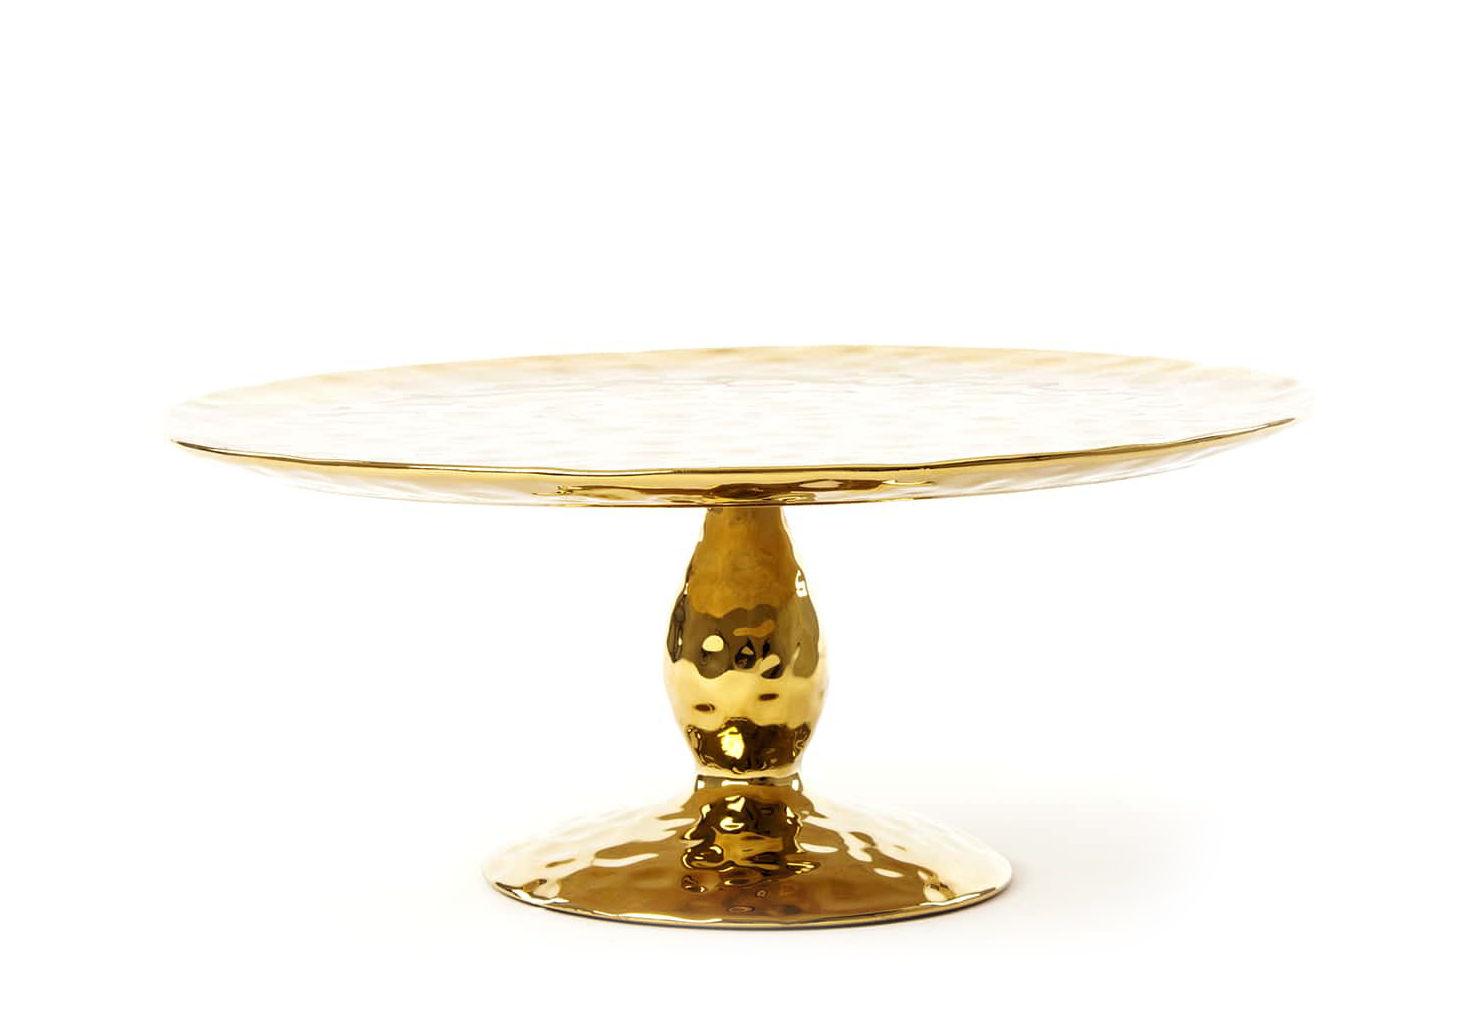 Arts de la table - Plats - Présentoir à gâteau Fingers / Ø 32,7 cm - Seletti - Doré - Porcelaine